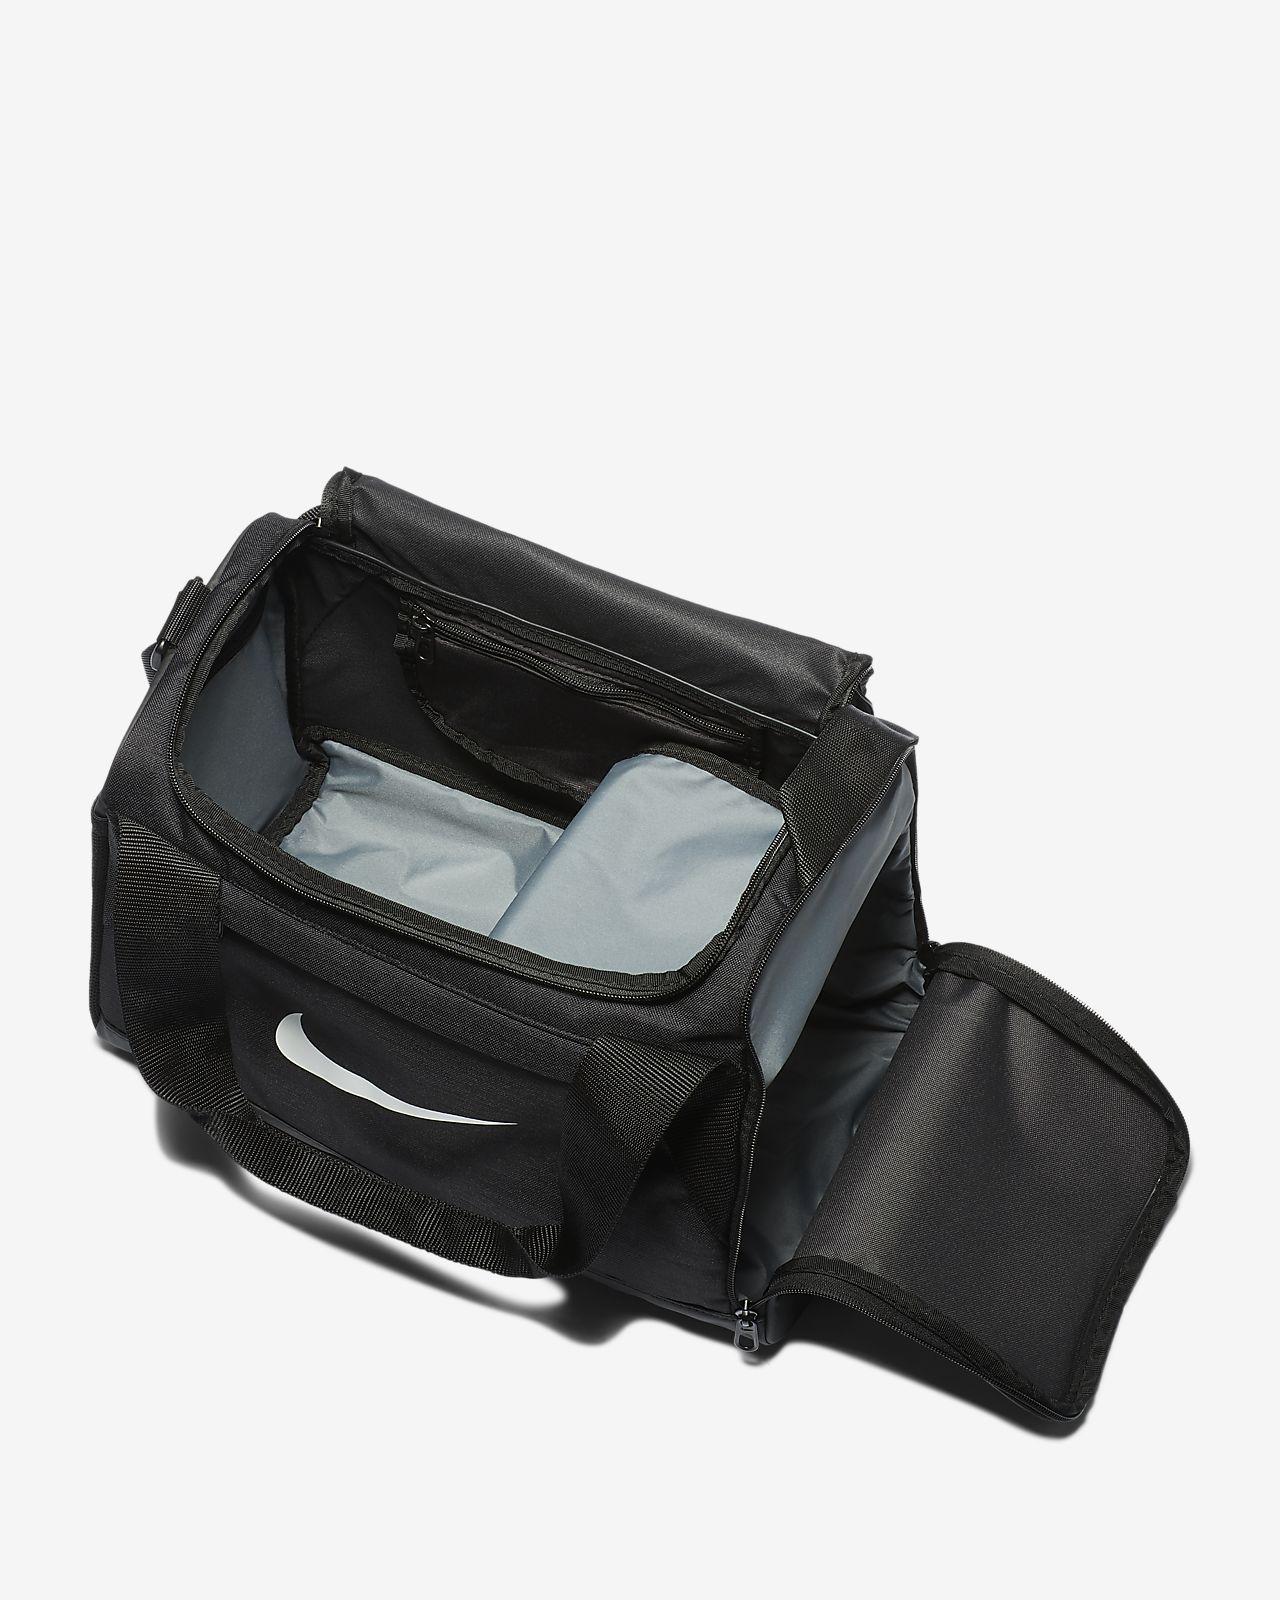 consenso Lanzamiento Limpiamente  nike small duffel tasche size promo code for 99069 5e831